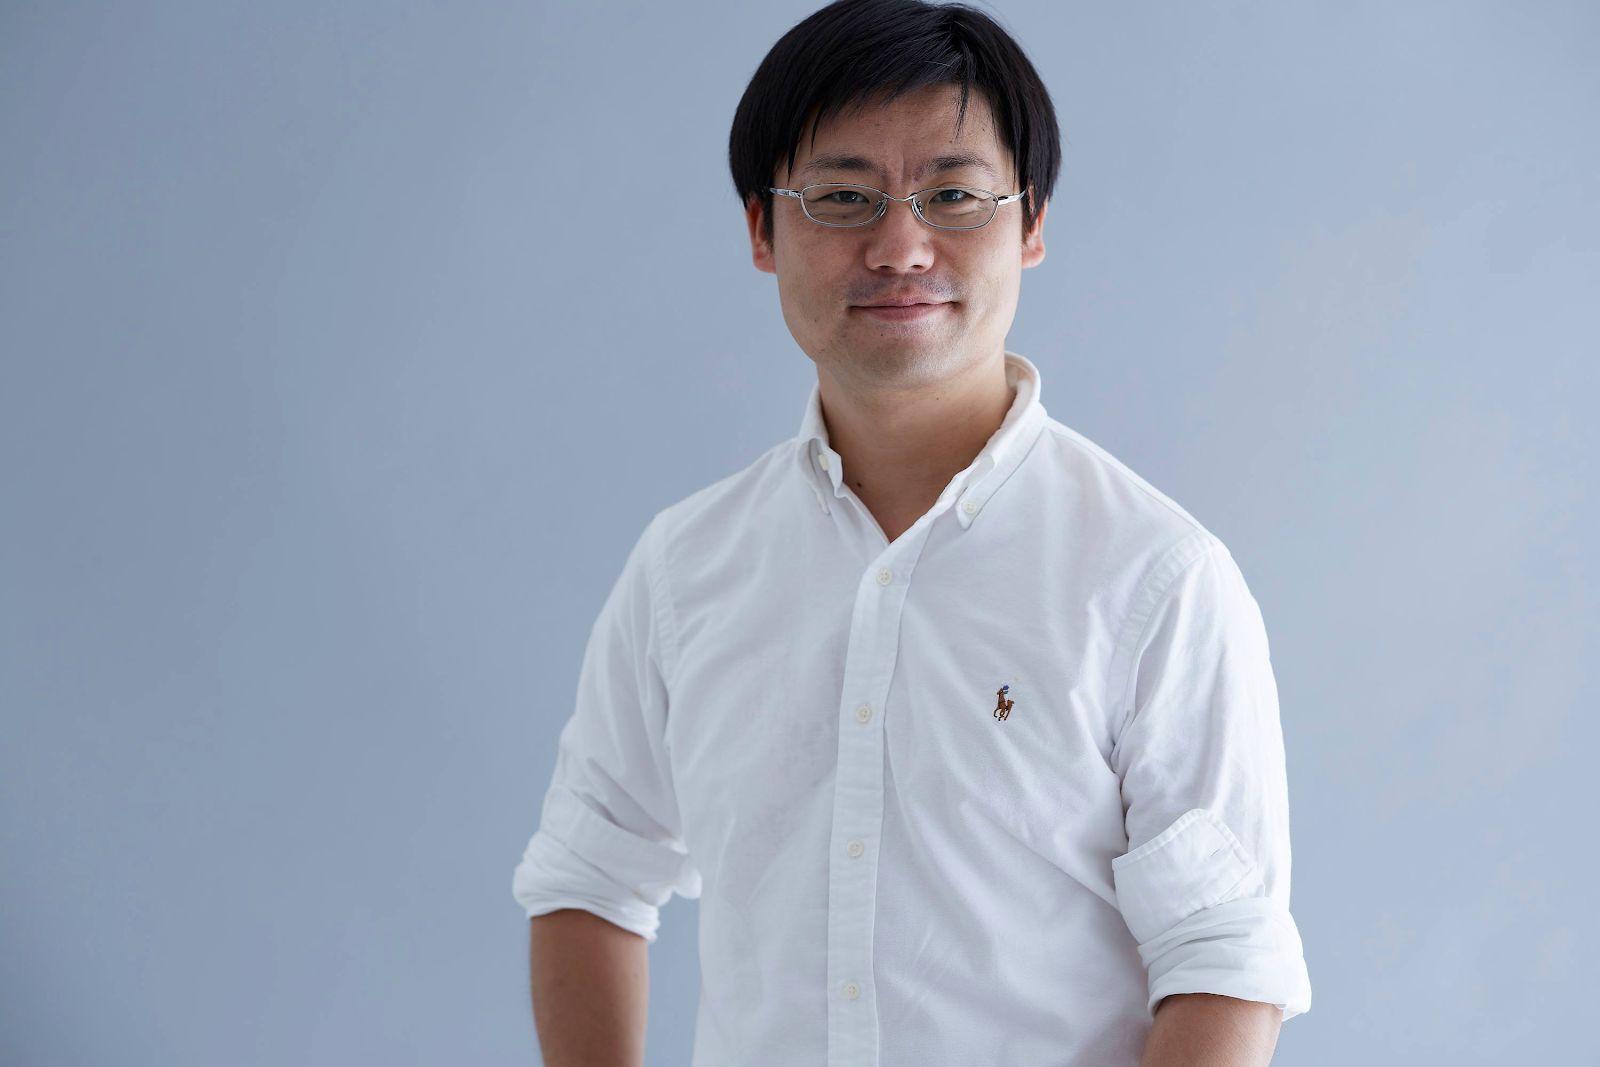 日本植物燃料株式会社 代表取締役社長 合田 真氏